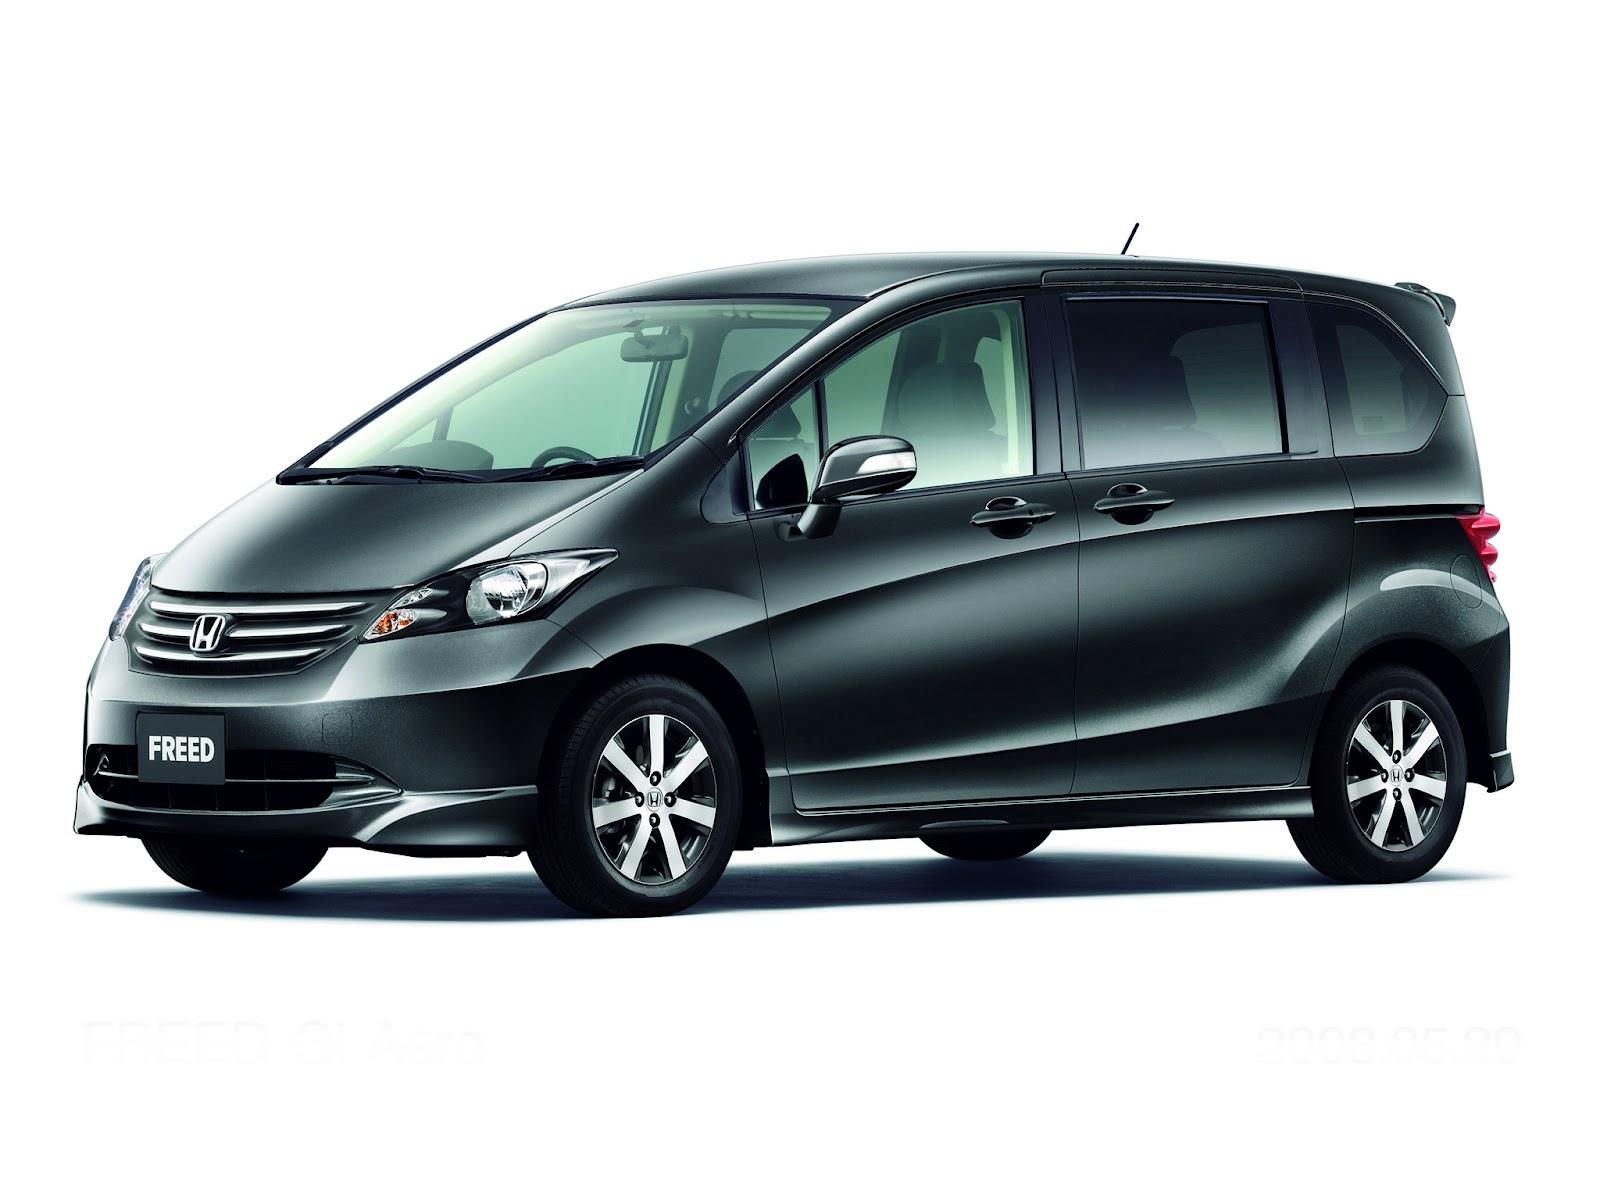 Kelebihan Kekurangan Harga Honda Freed Bekas Spesifikasi